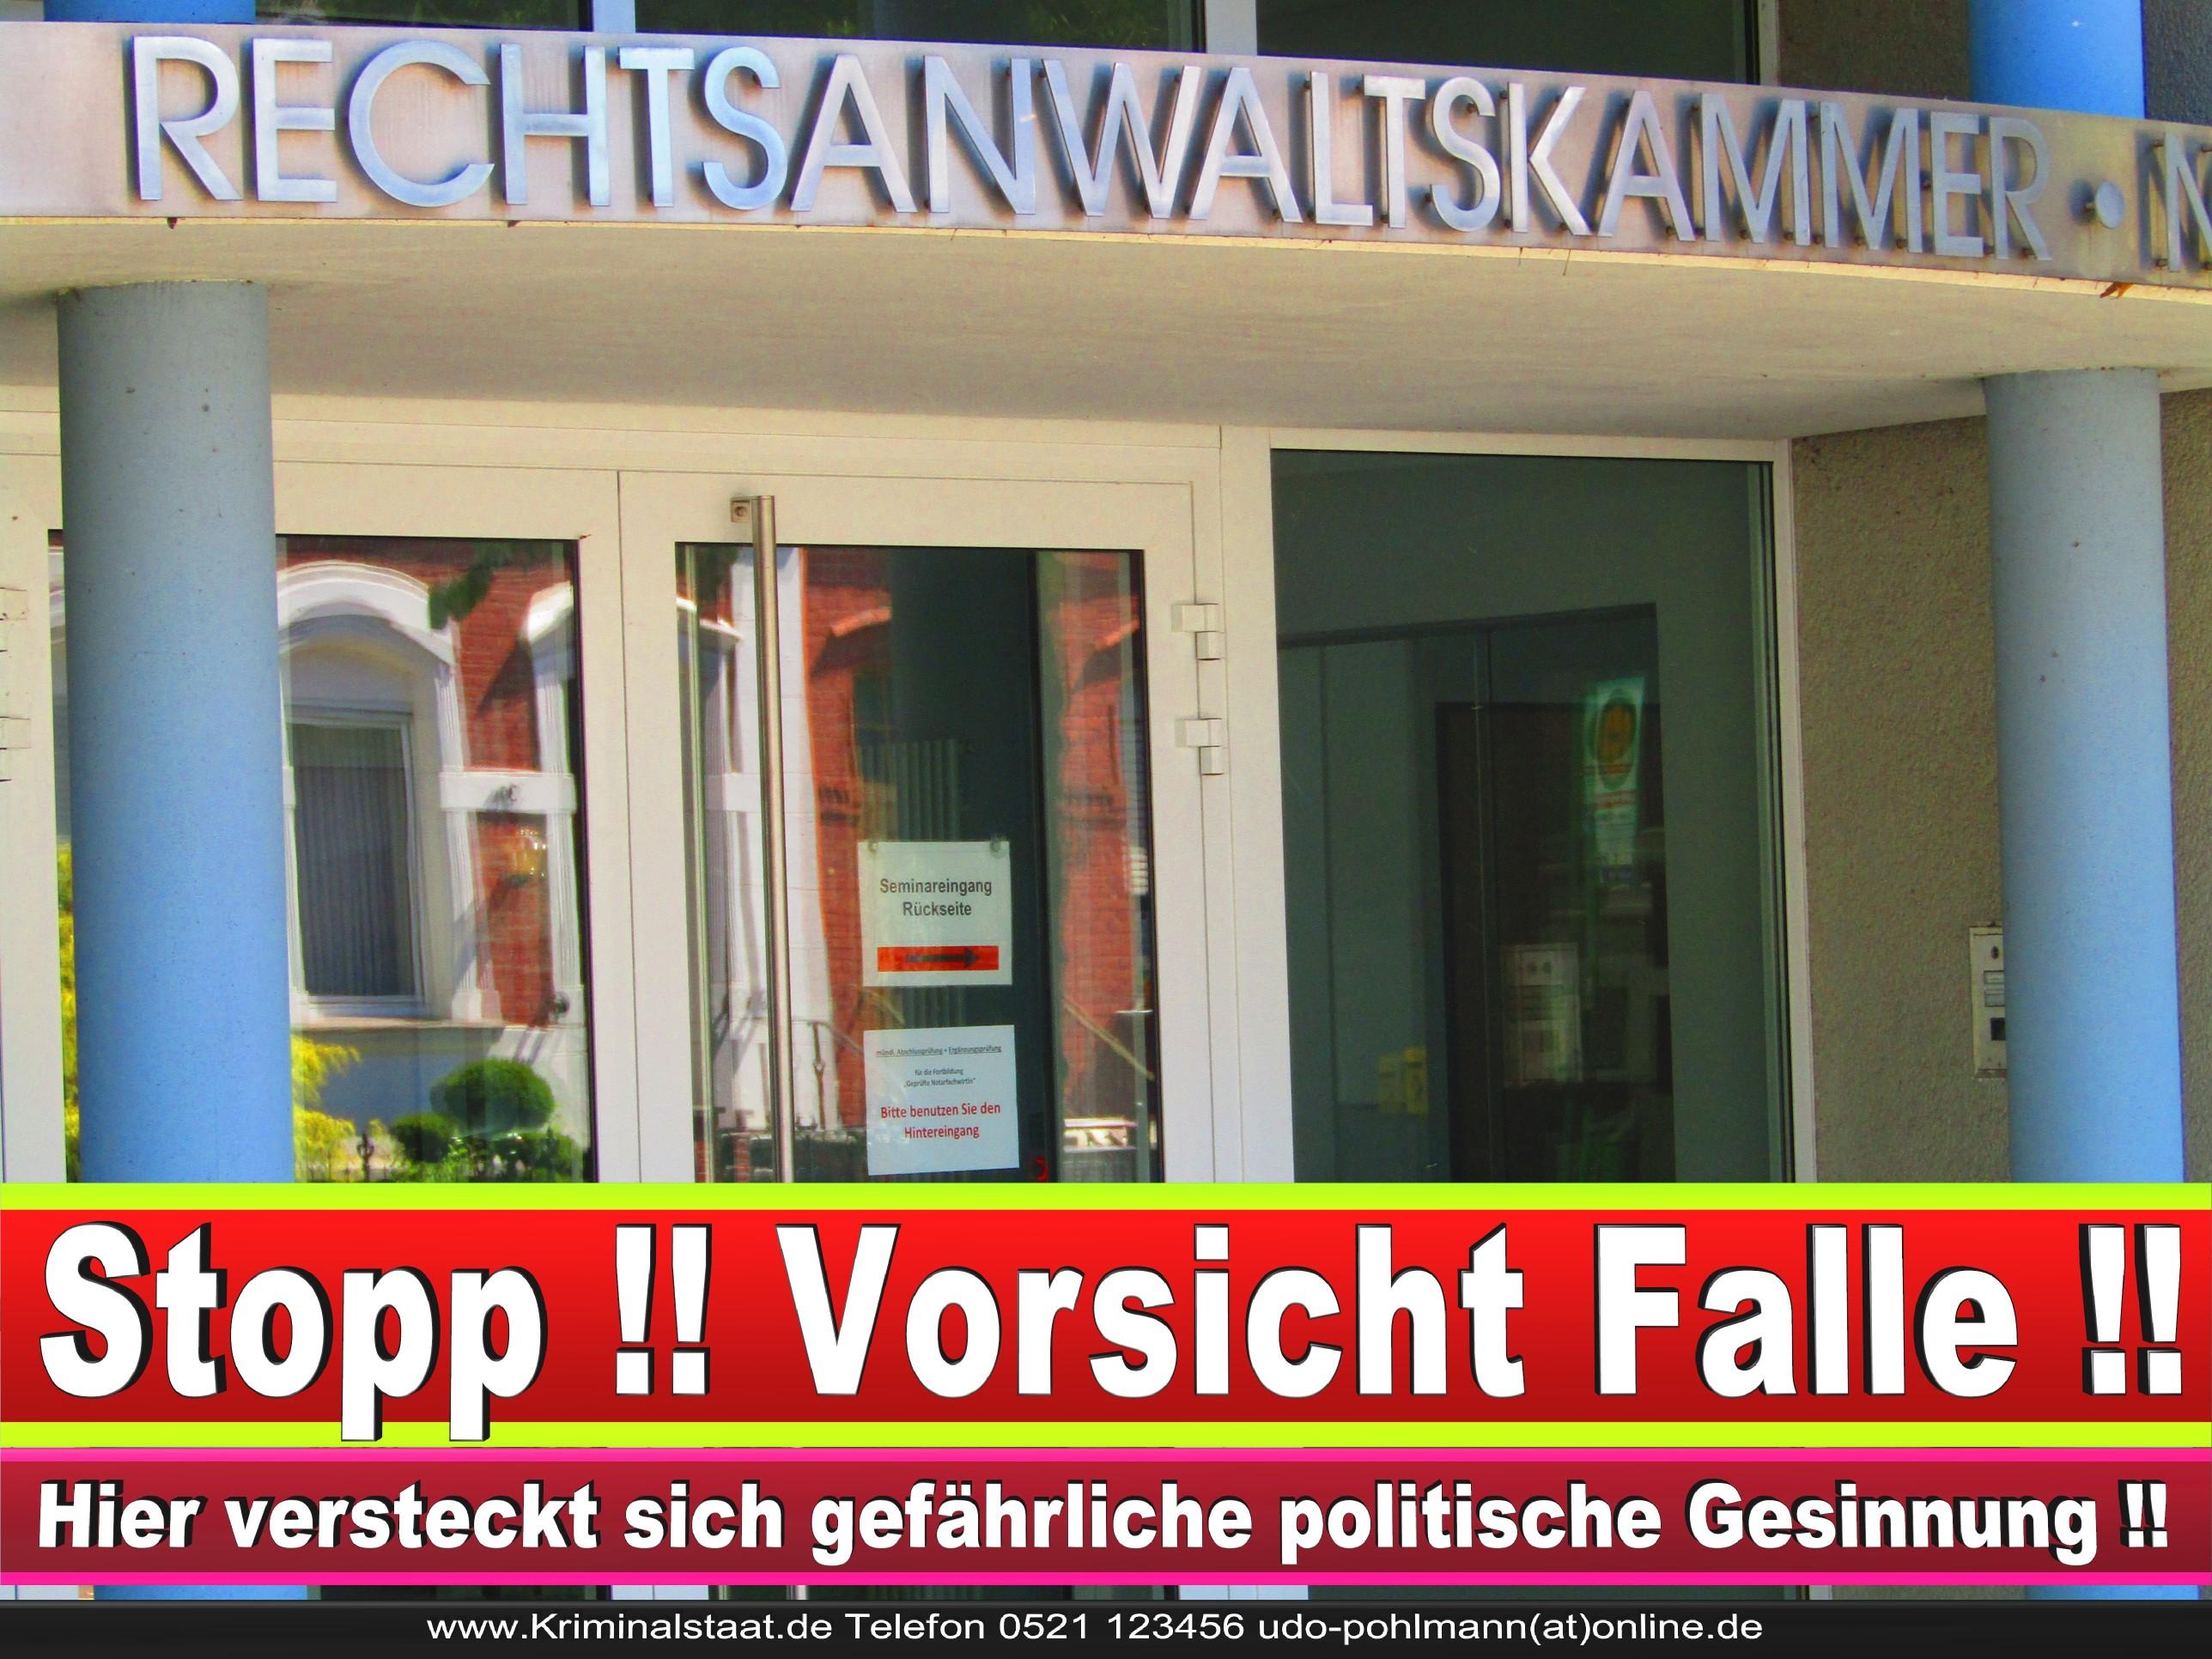 Rechtsanwaltskammer Hamm NRW Justizminister Rechtsanwalt Notar Vermögensverfall Urteil Rechtsprechung CDU SPD FDP Berufsordnung Rechtsanwälte Rechtsprechung (24) 1